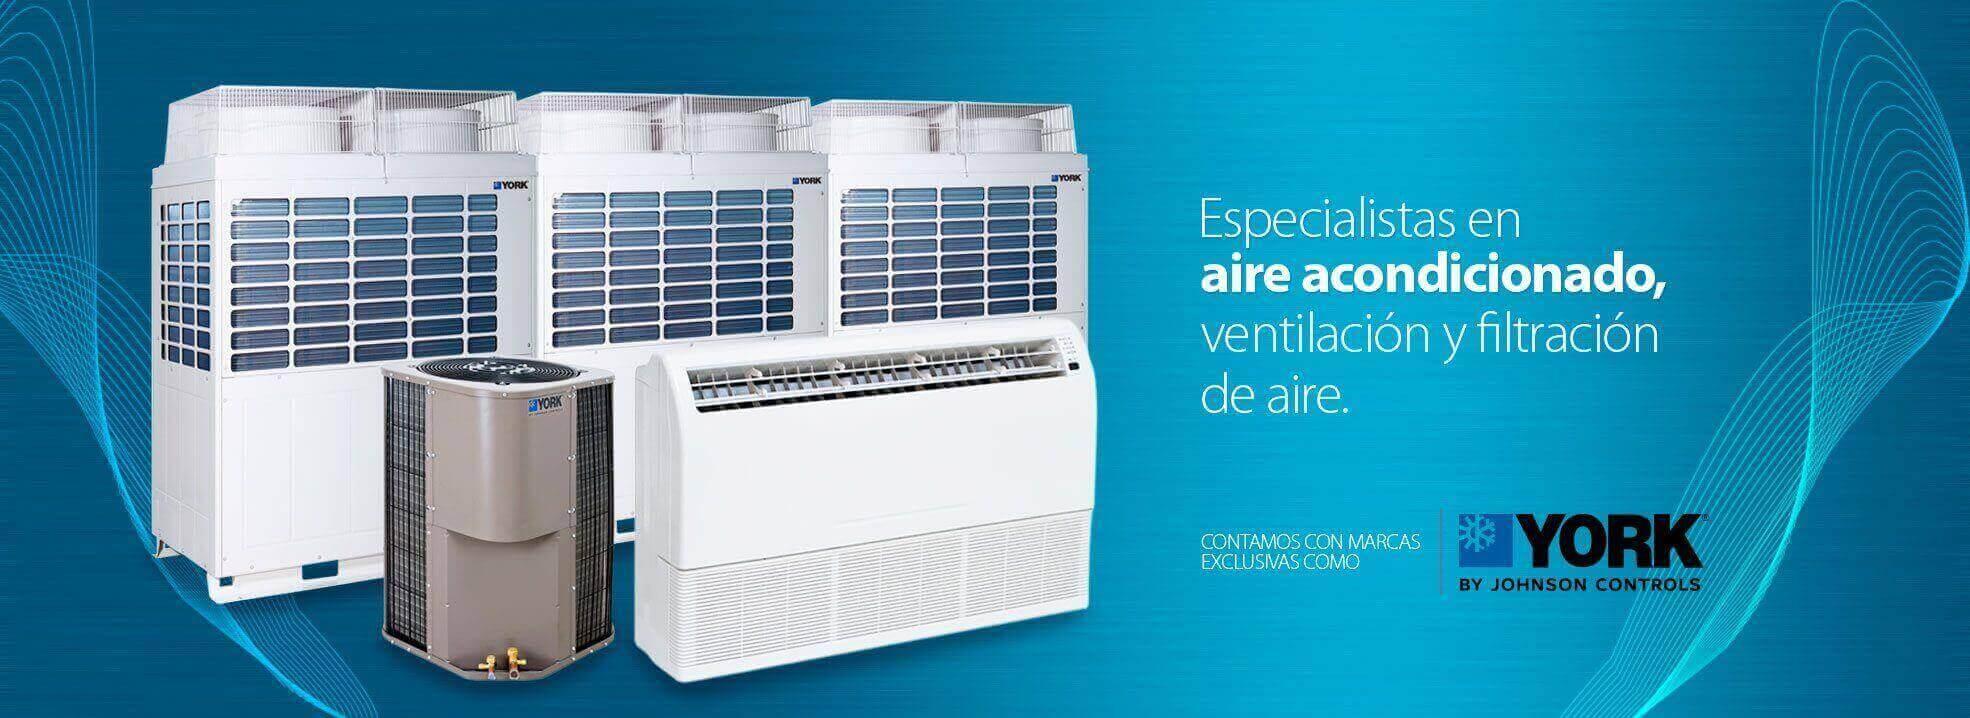 aire-acondicionado-ventilacion-filtracion-friotemp Ingenieros Friotemp